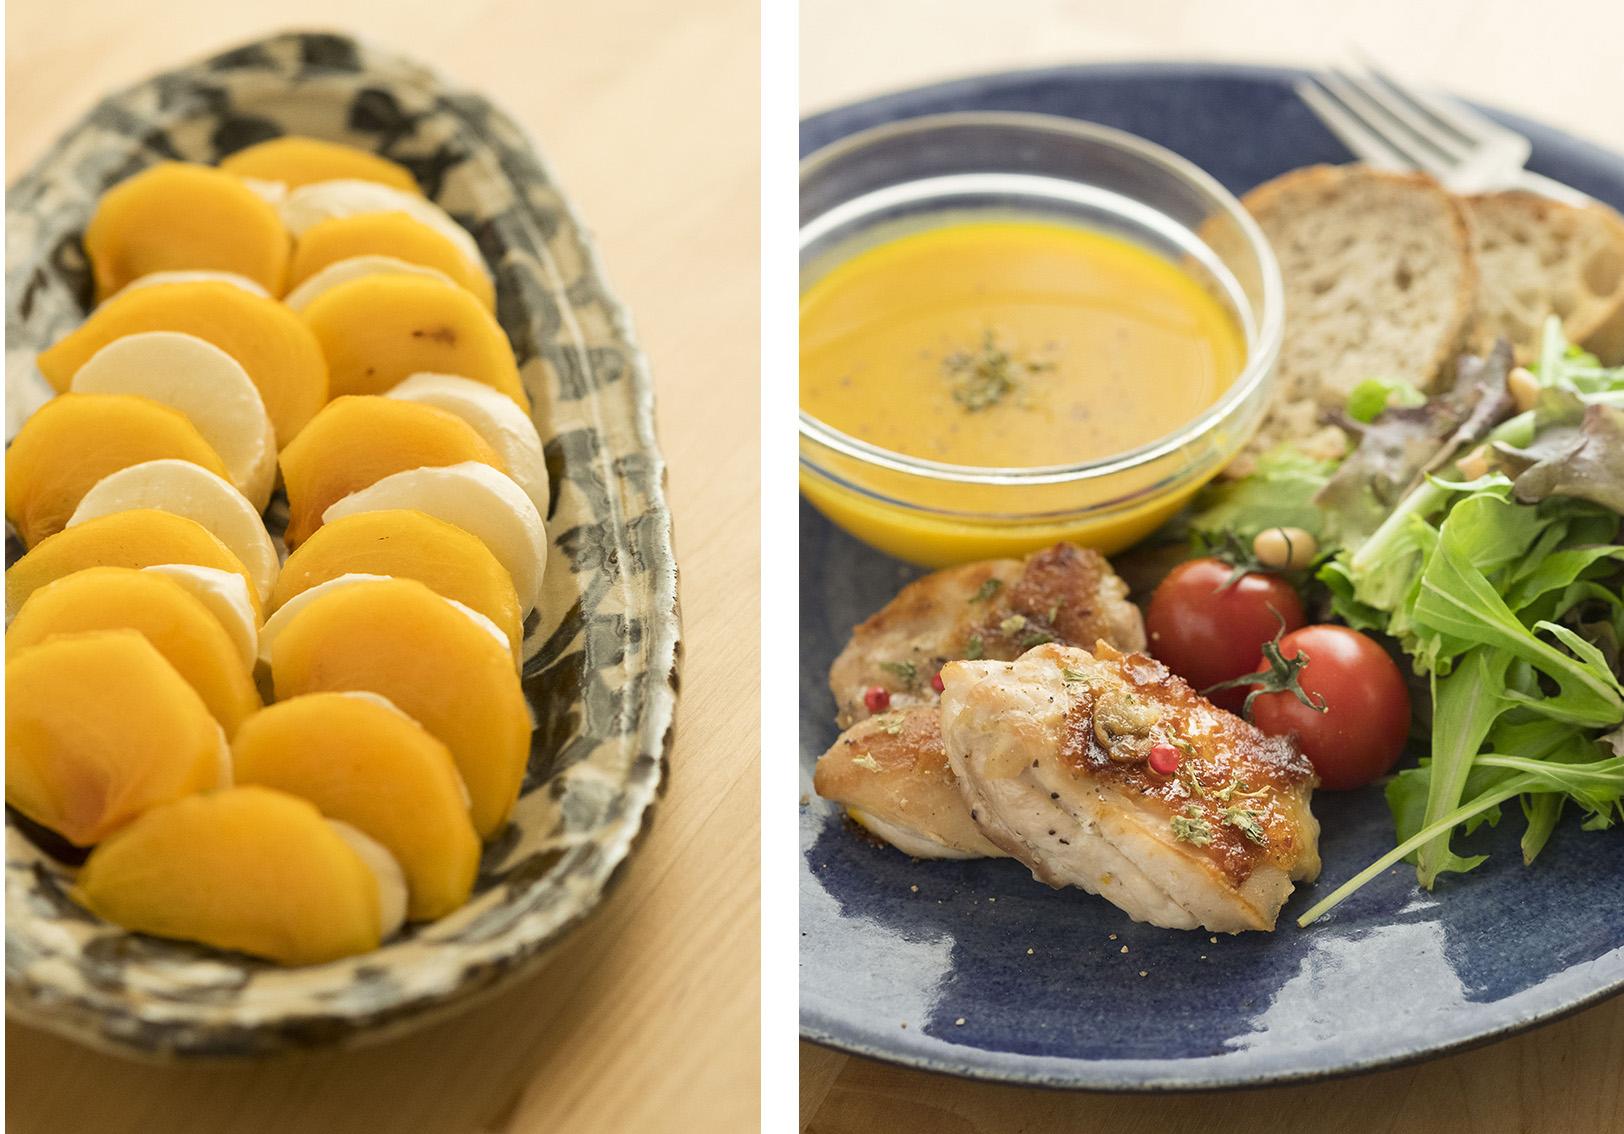 こんなお料理まで。柿のカプレーゼでしょうか。今夜やってみようかな。